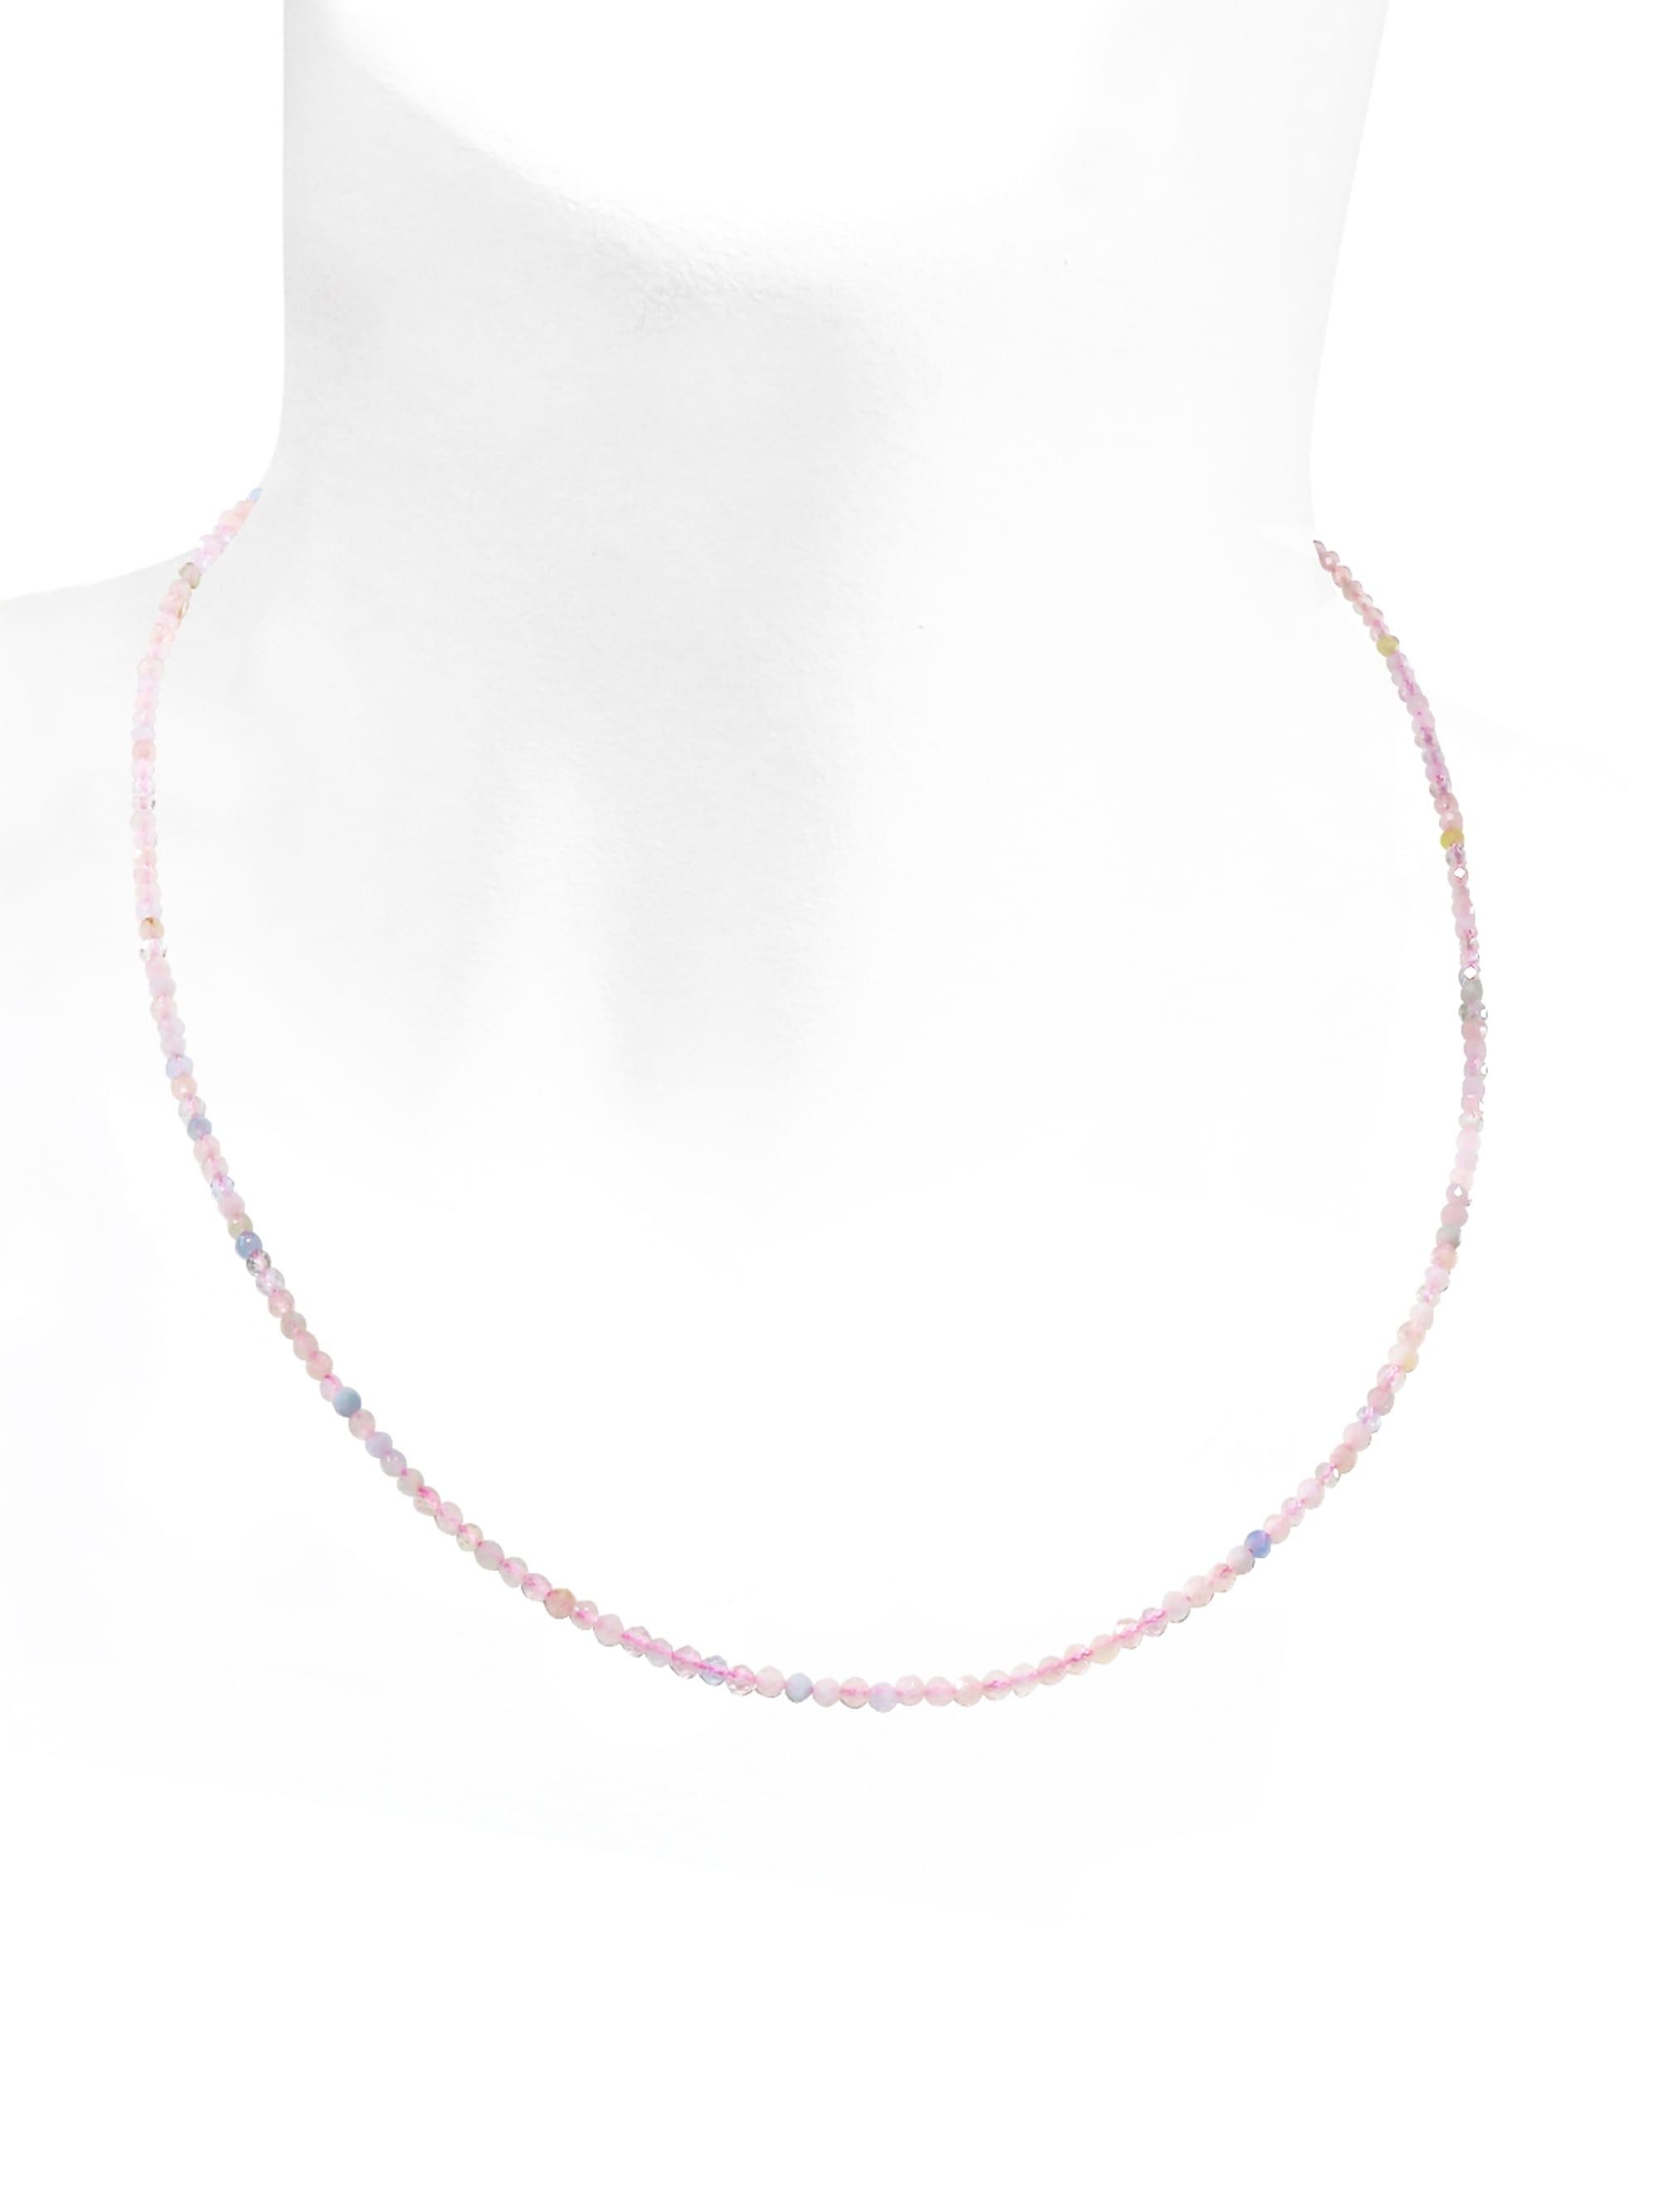 1001 Diamonds Morganit Edelstein Halskette 925 Silber P7s1v